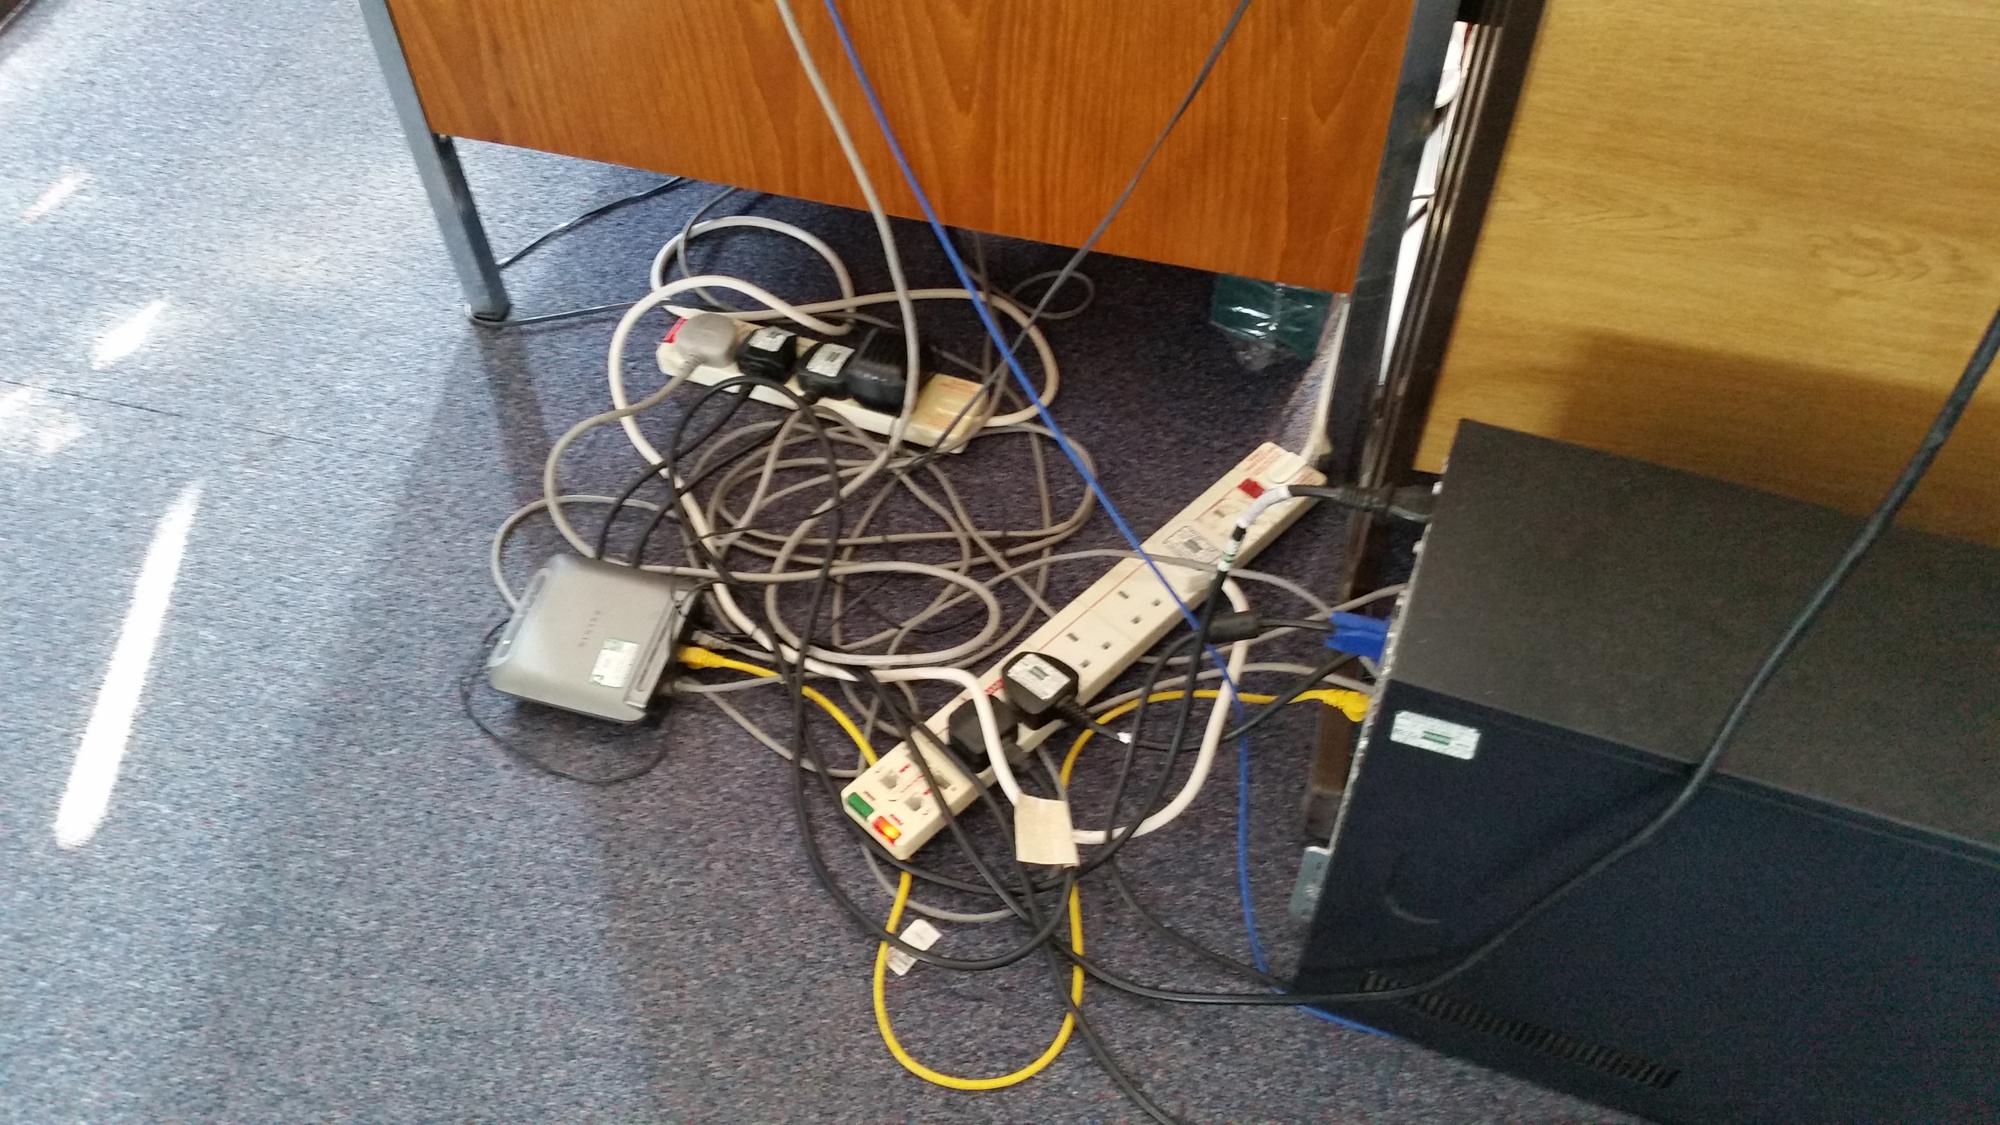 Dangerous Cabling